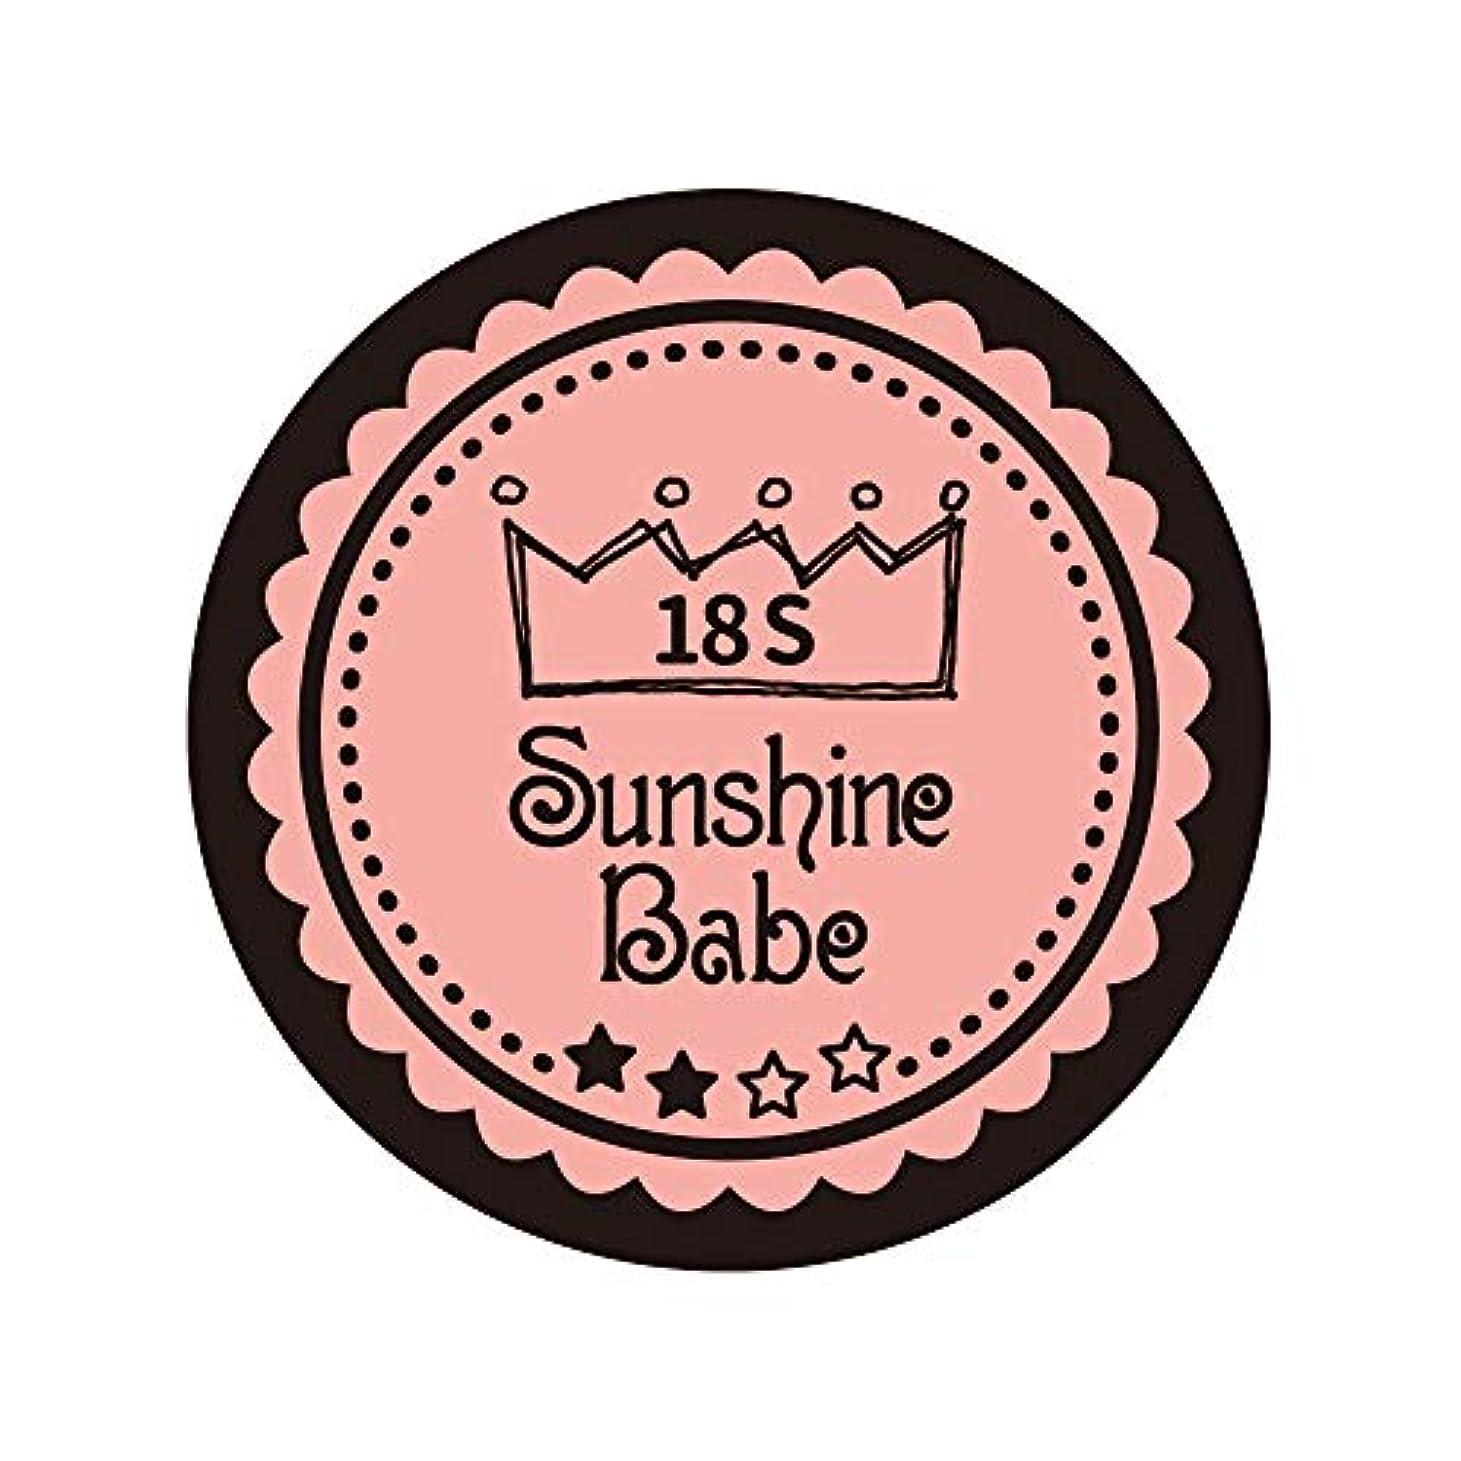 認識モータートレッドSunshine Babe コスメティックカラー 18S ロマンティックベリー 4g UV/LED対応